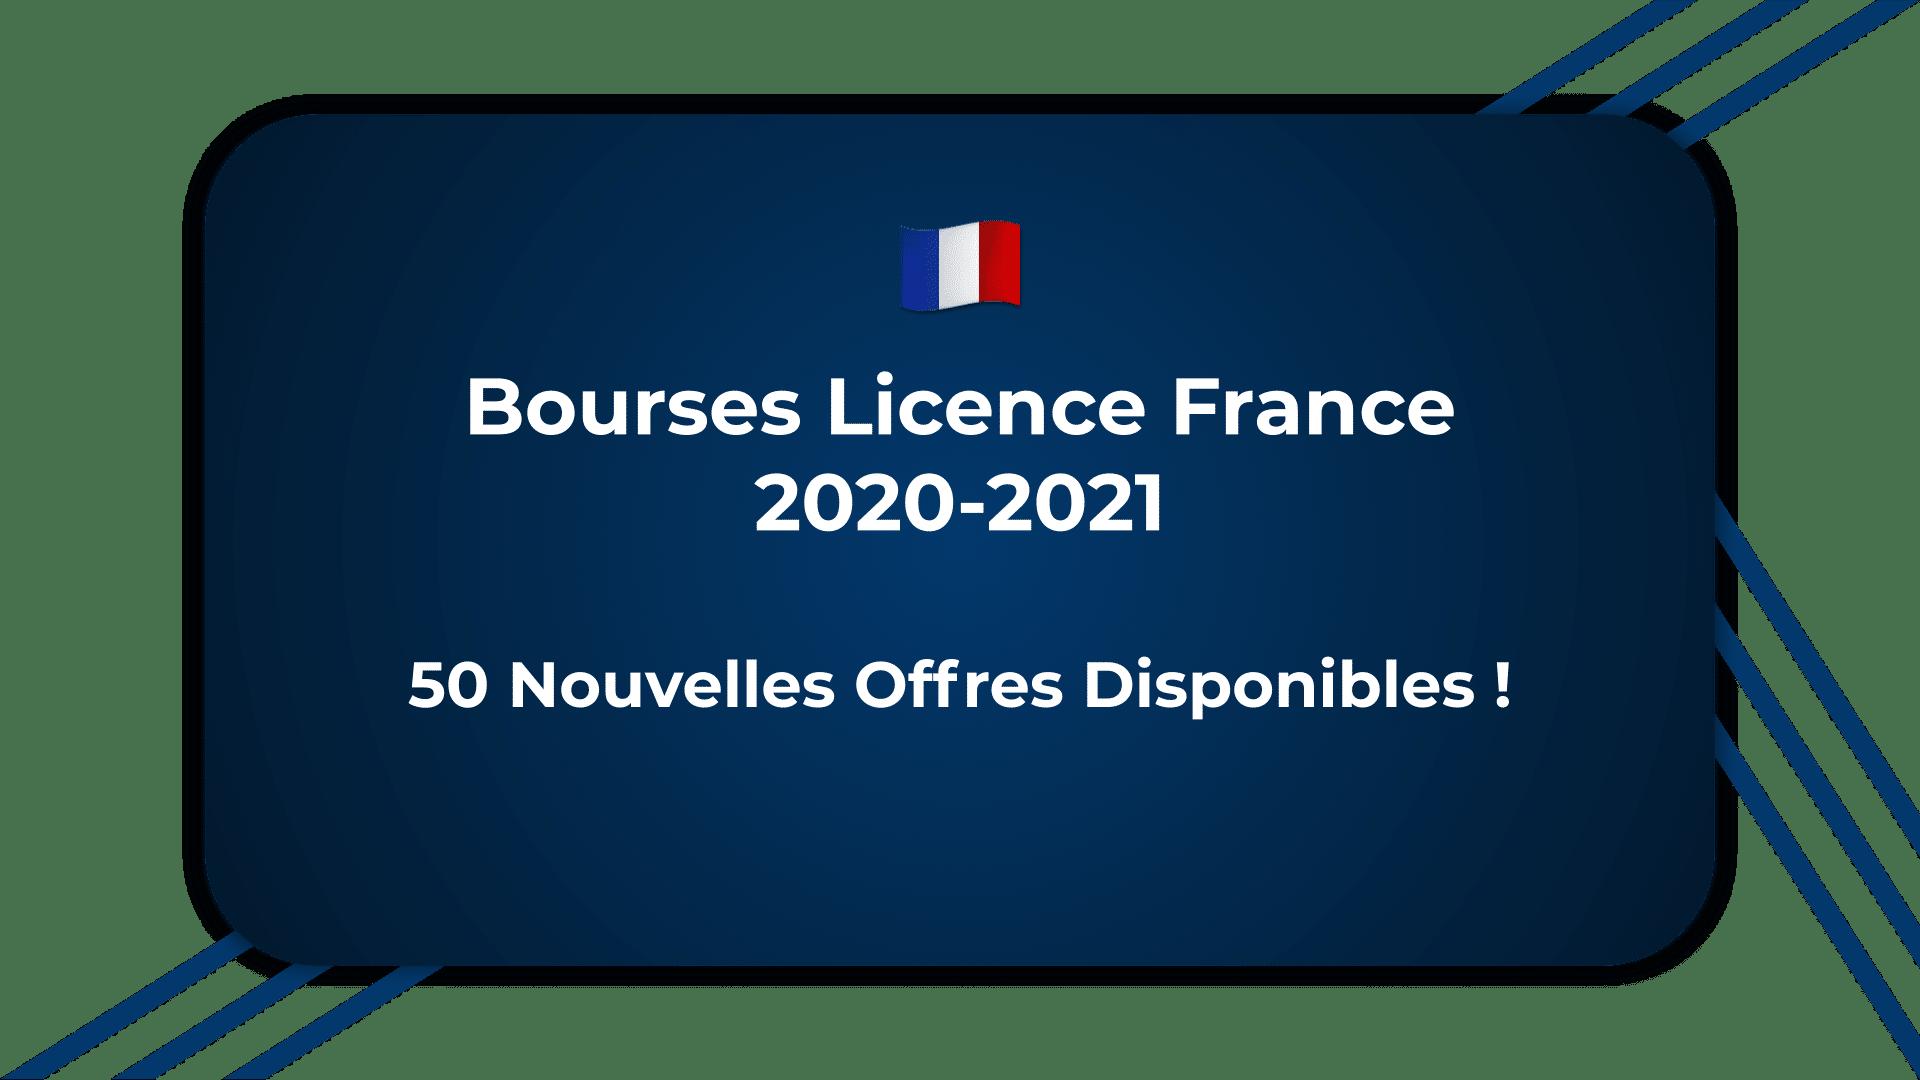 Bourses Licence France 2020-2021 - 50 Nouvelles Offres Disponibles !